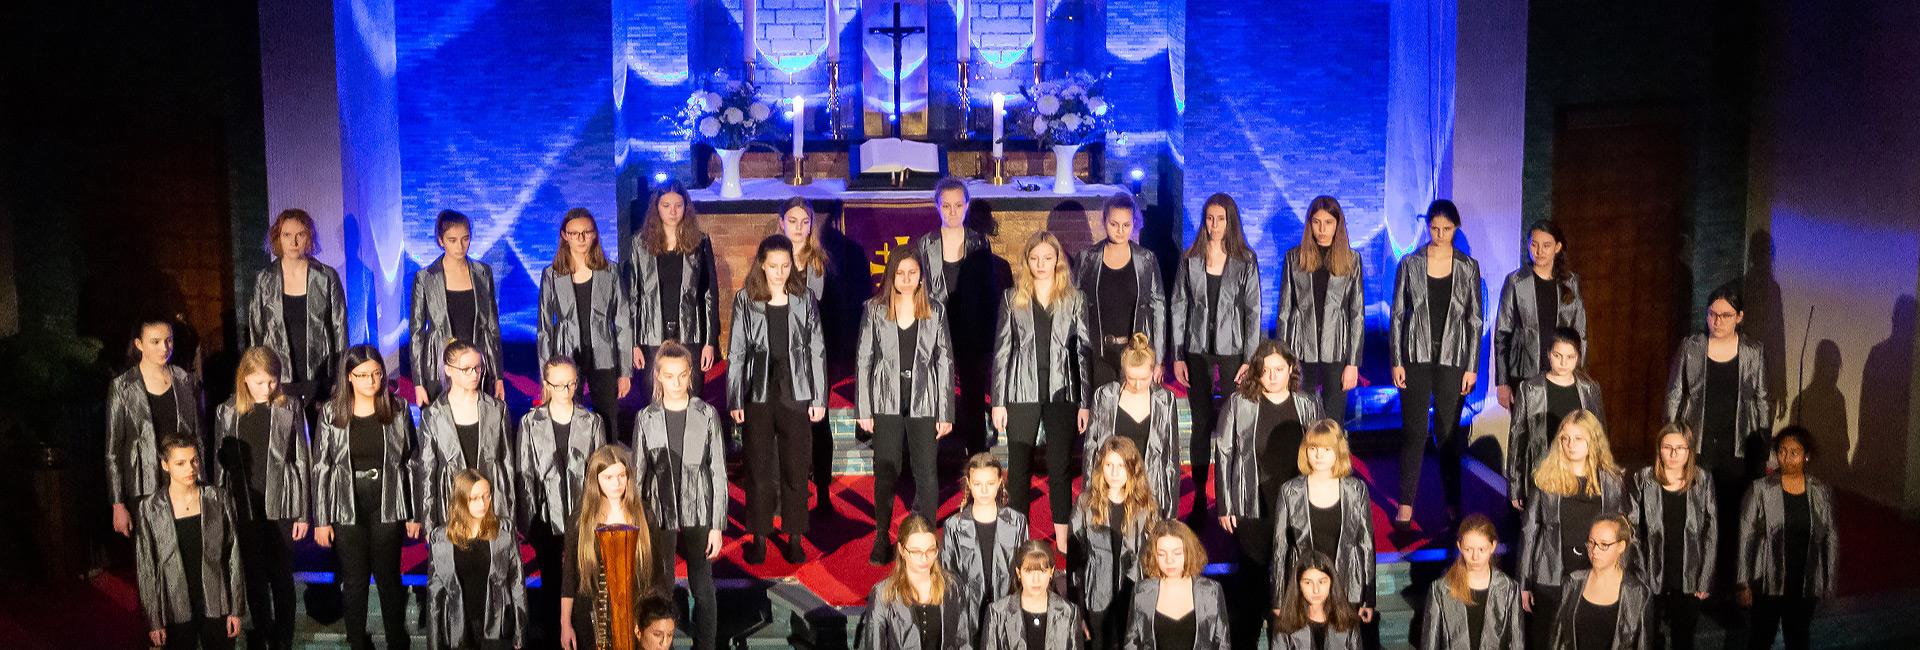 Berliner Mädchenchor – Konzertchor, weihnachtliches Chorkonzert, Gustav-Adolf-Kirche